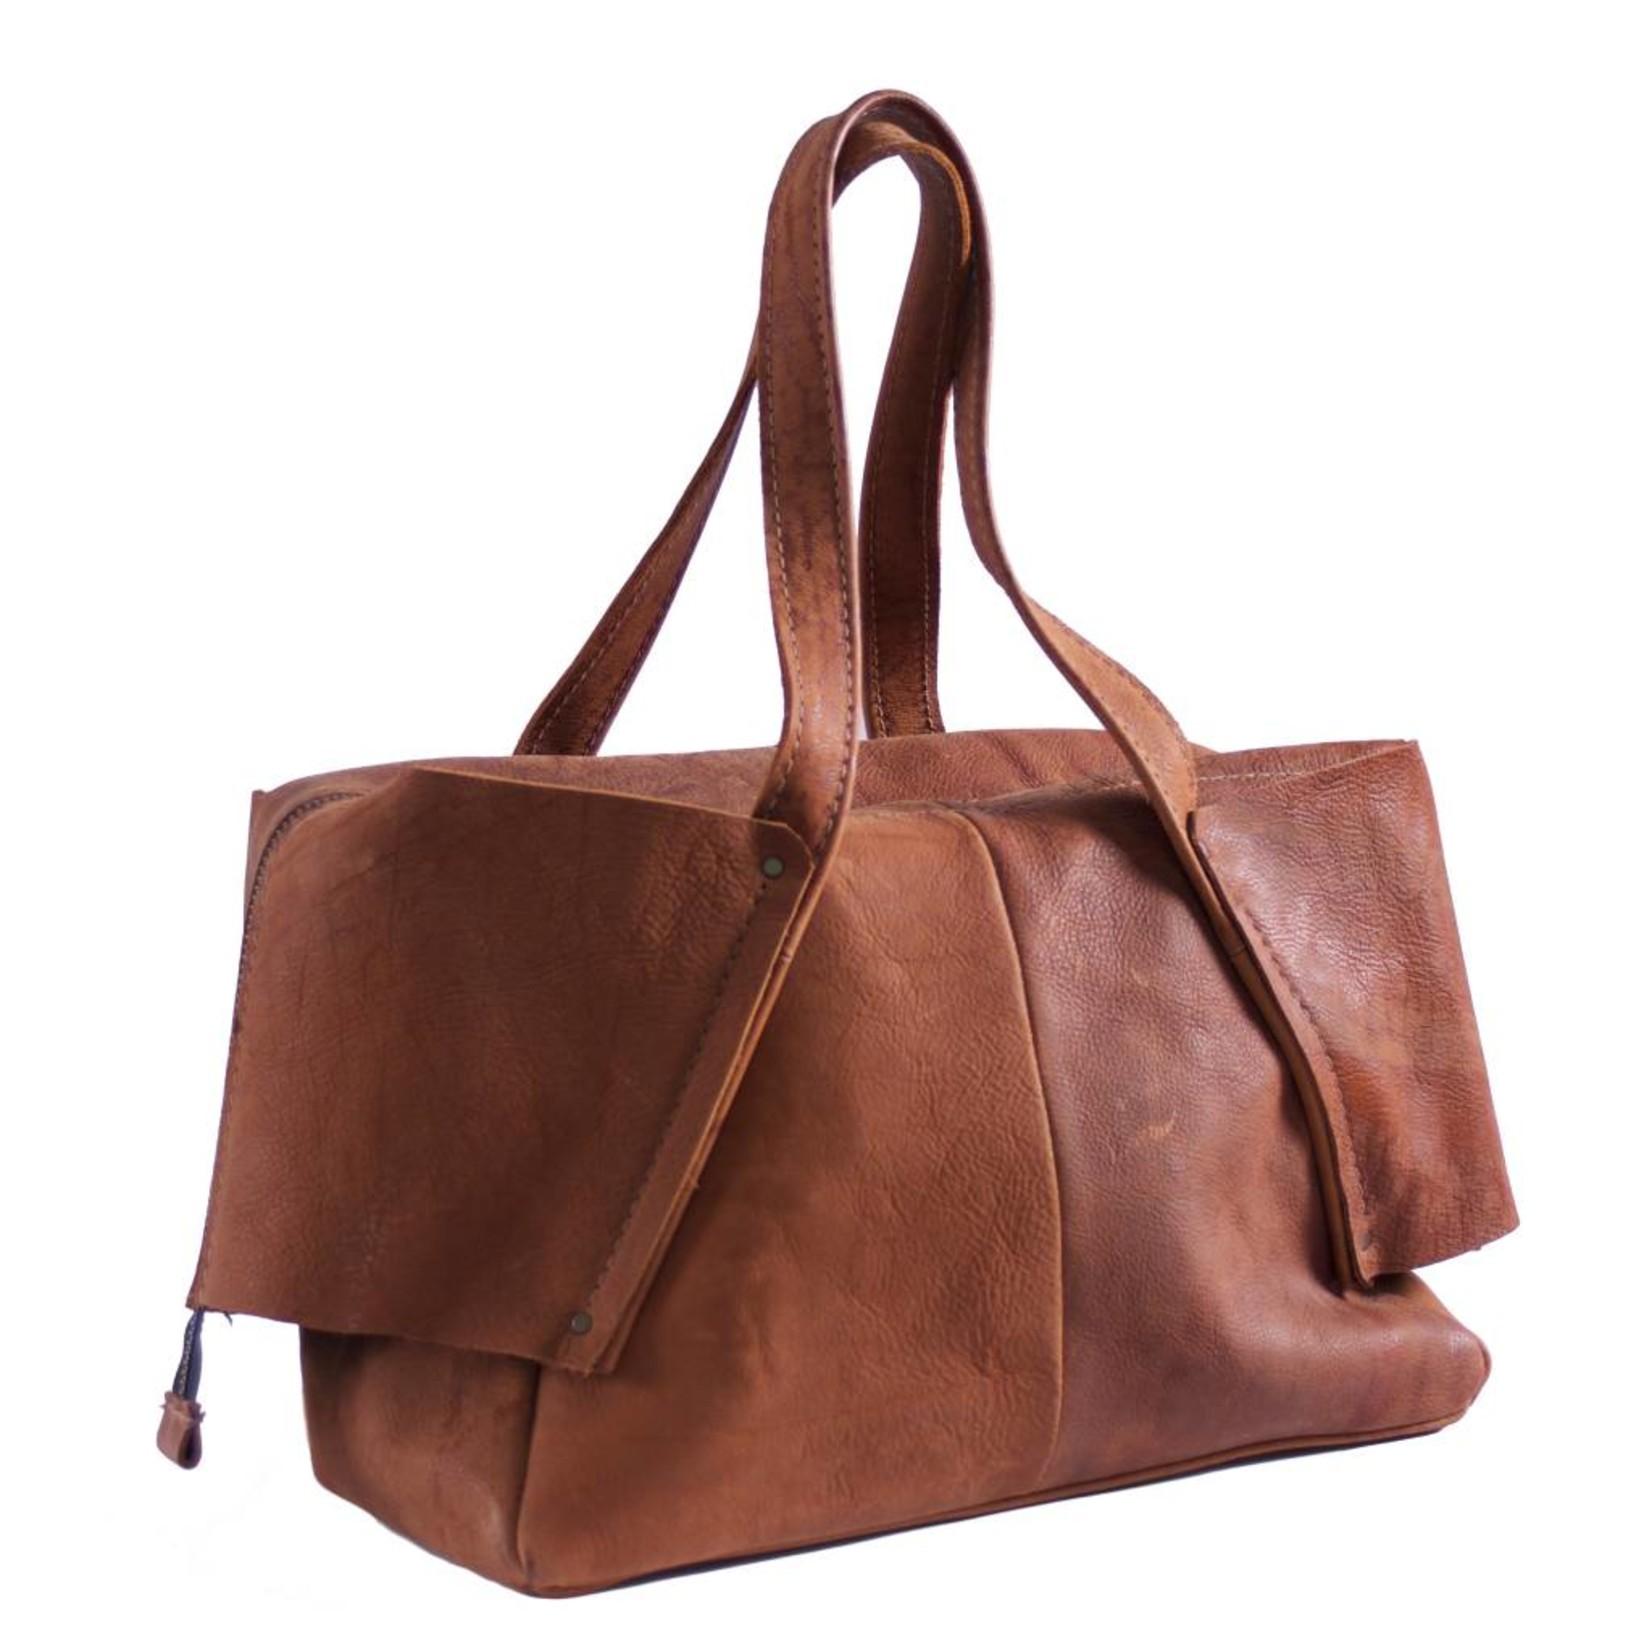 LABEL | Vandenberg Elephant Bag